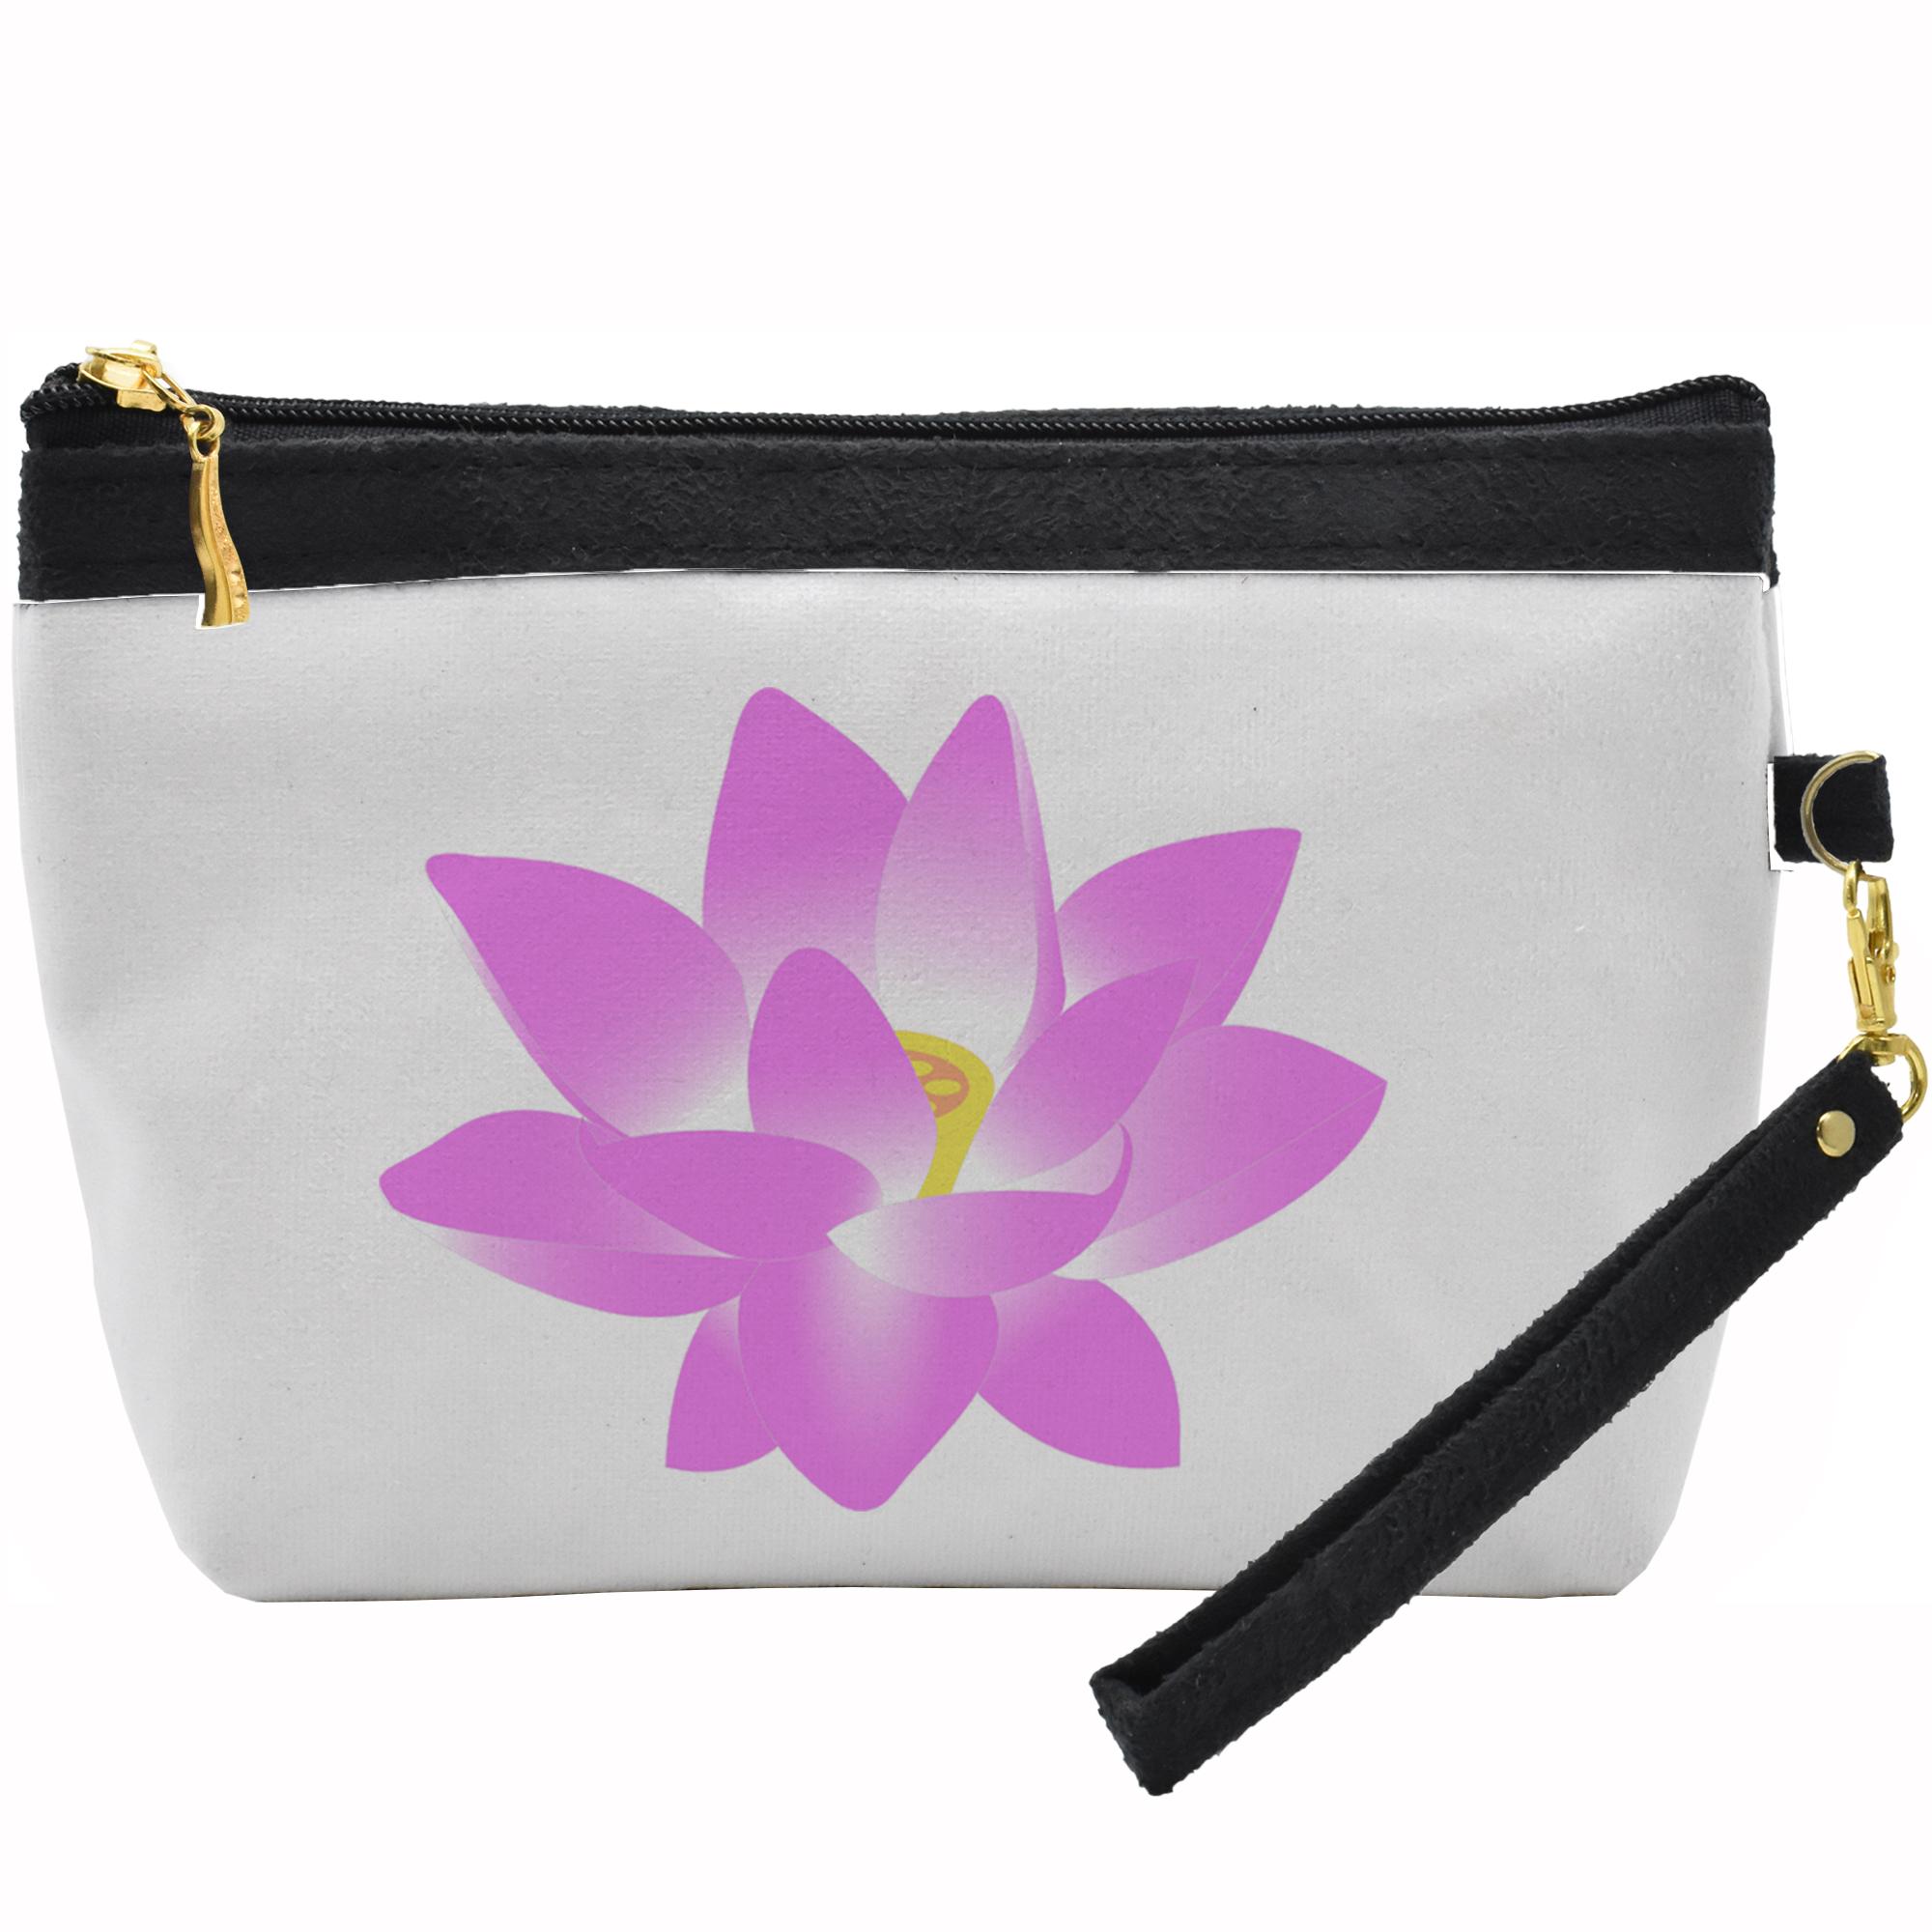 کیف لوازم آرایشی طرح گل کد C 17